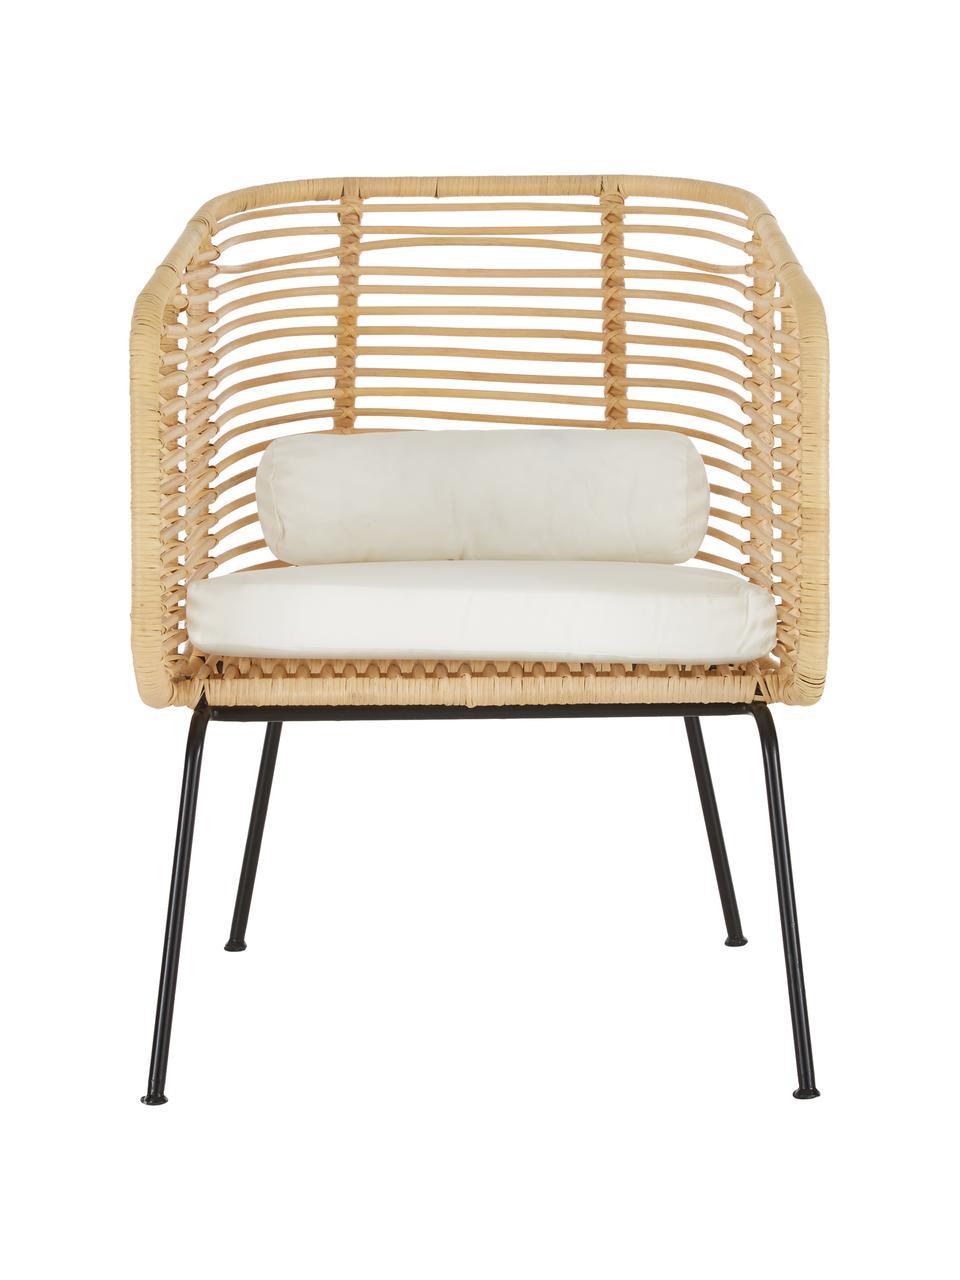 Fotel z rattanu Merete, Siedzisko: rattanStelaż: czarny, matowyPoszewki: biały, S 72 x G 74 cm